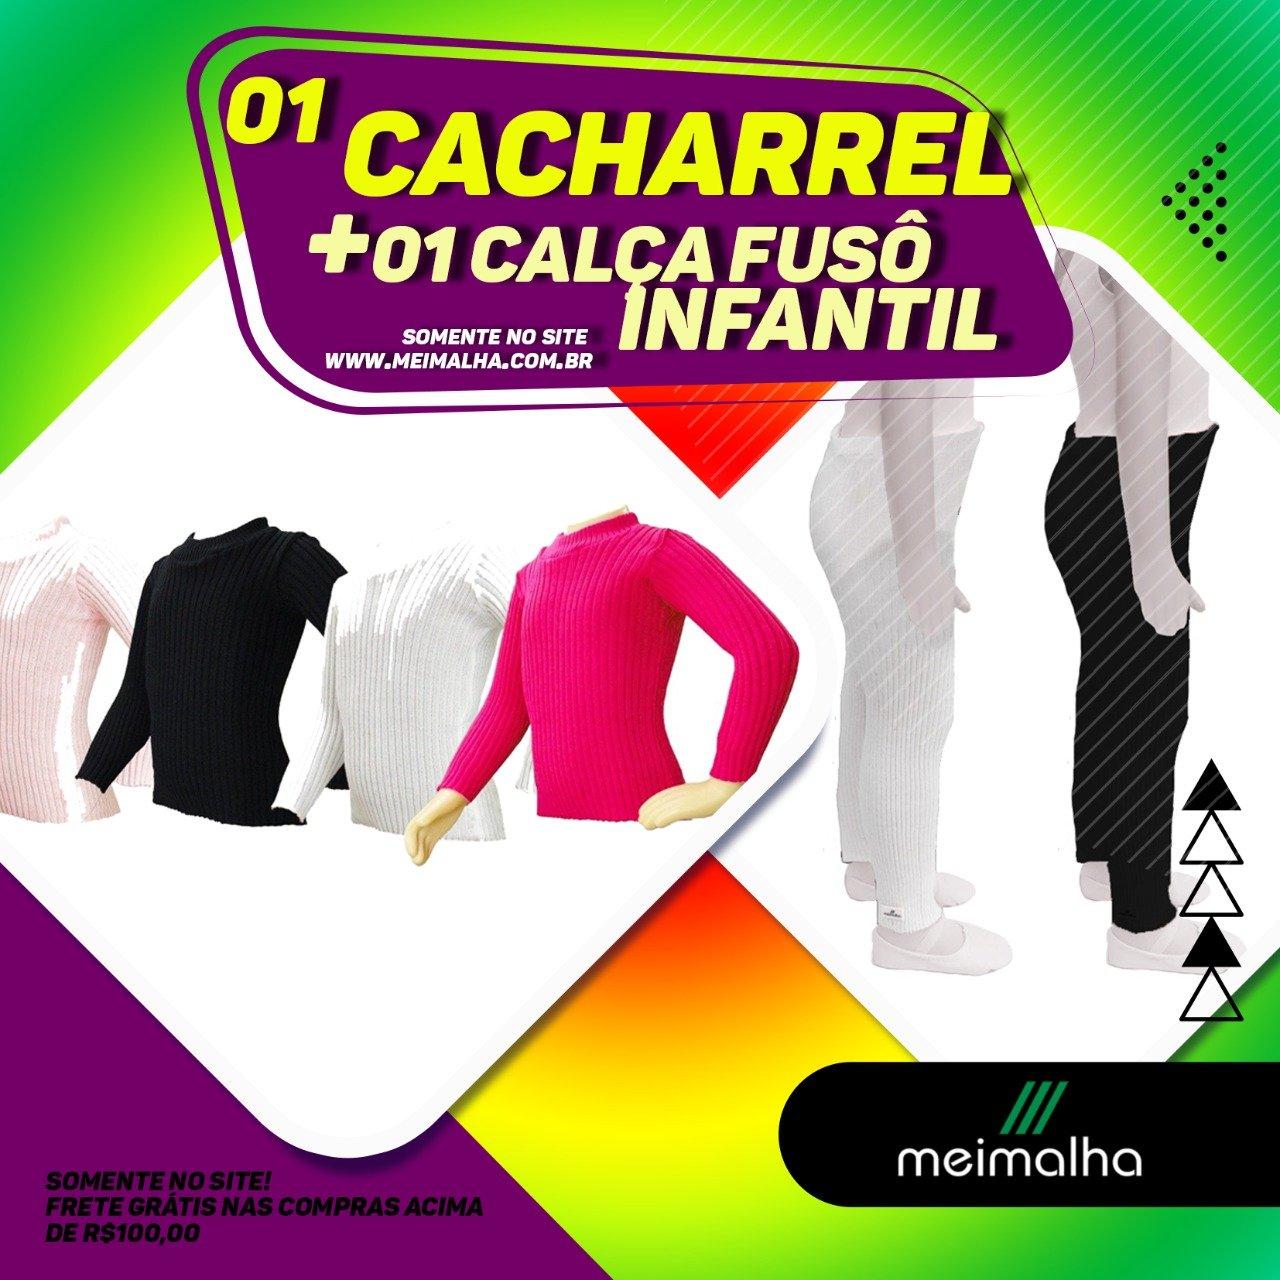 kit cacharrel.jpg